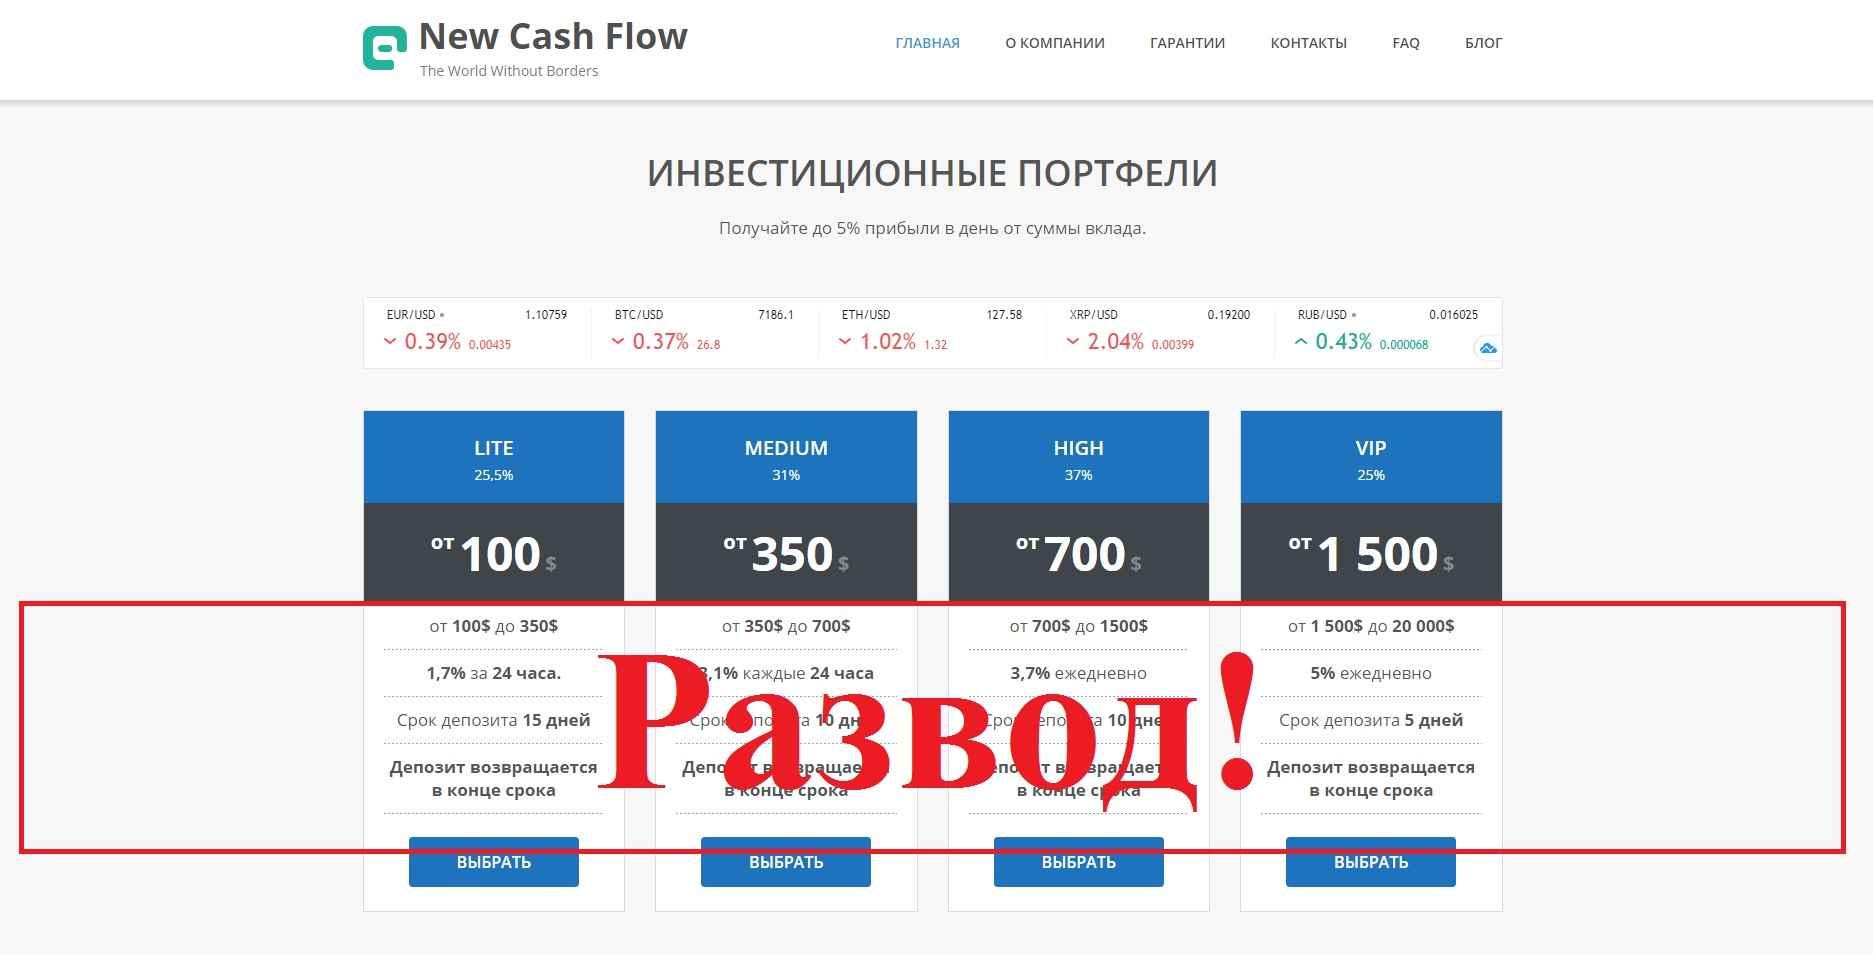 New Cash Flow – реальные отзывы о ncfcompany.com